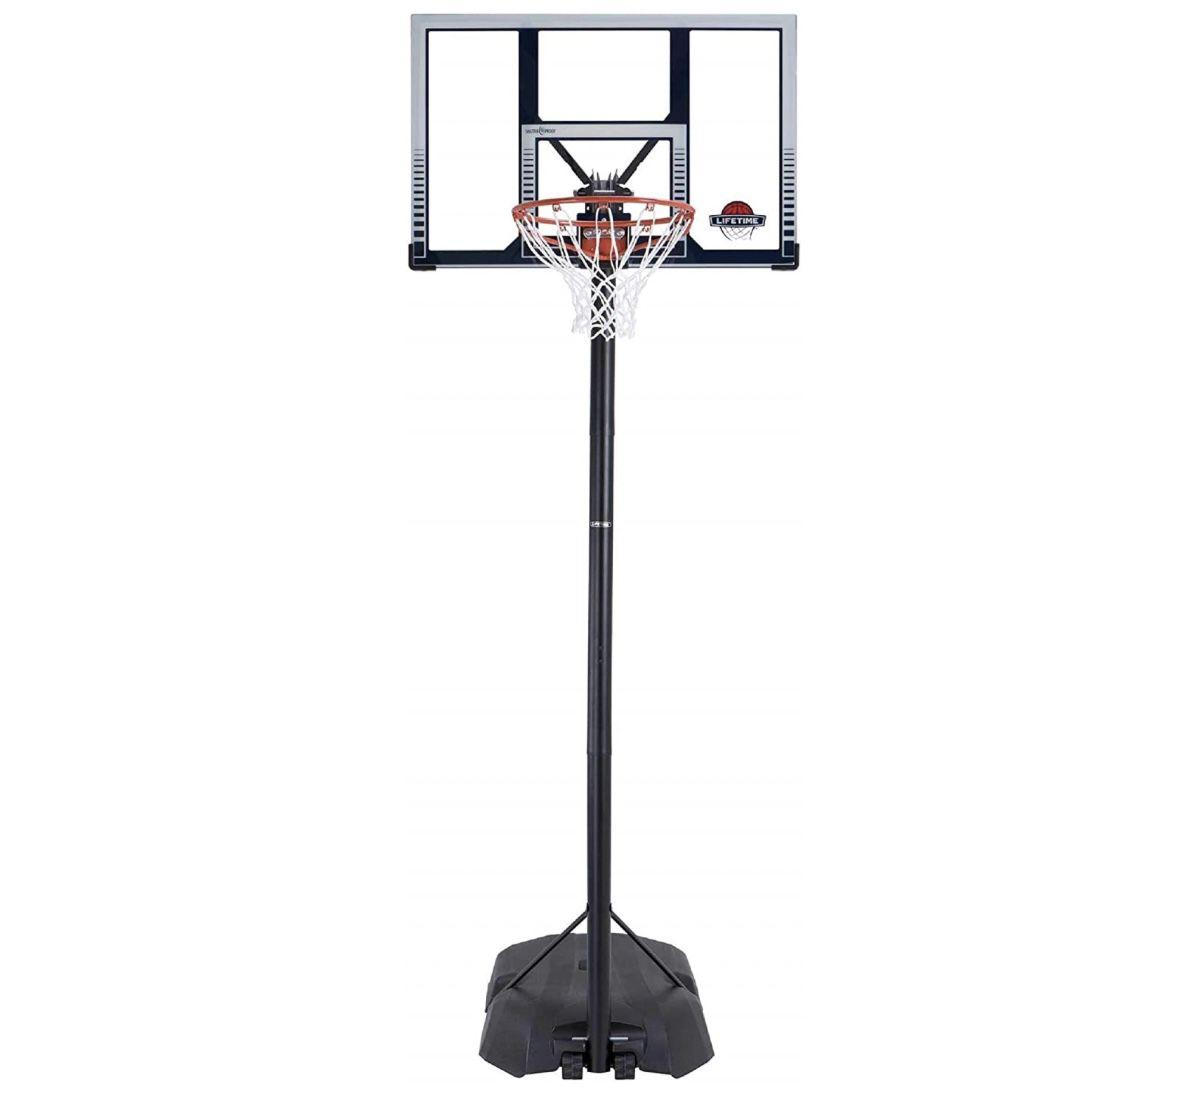 Lifetime Basketballanlage Boston für 220,09€ (statt 250€)